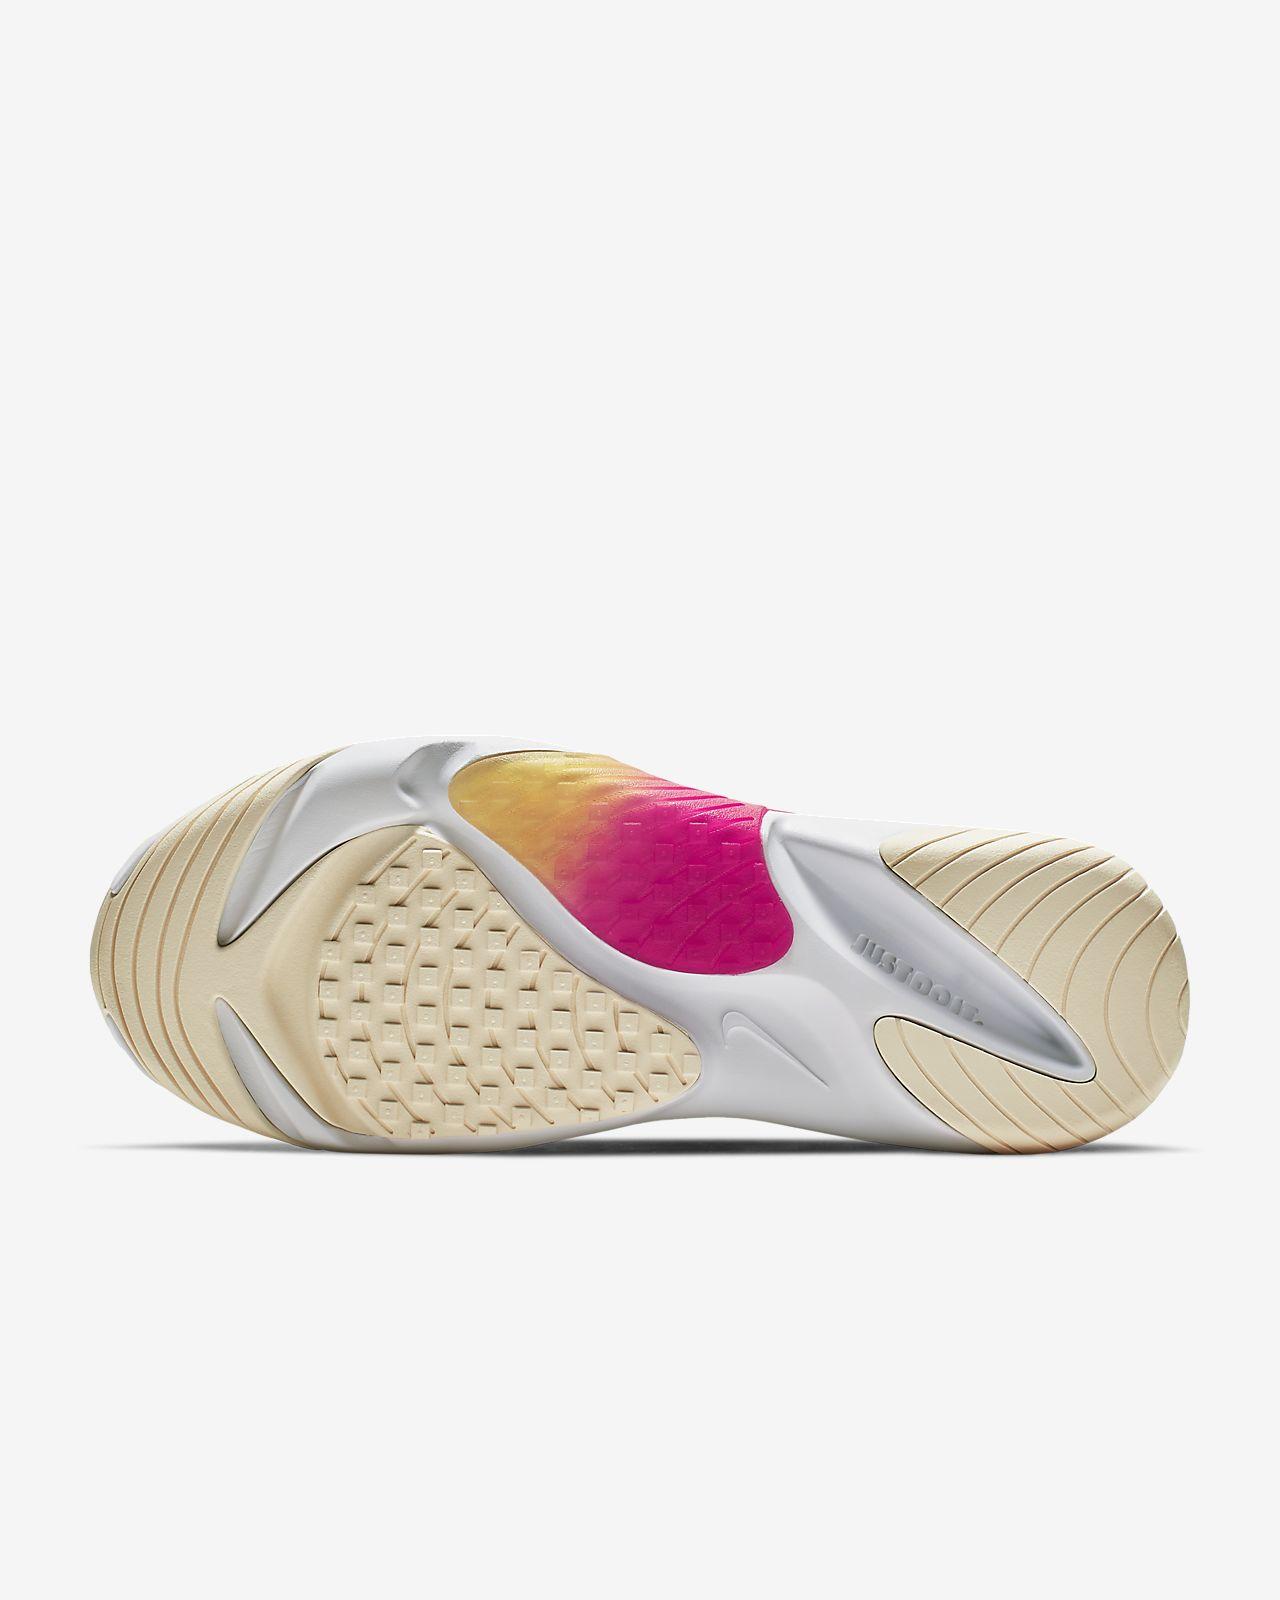 promo code a5891 0cdc7 ... Nike Zoom 2K Women s Shoe